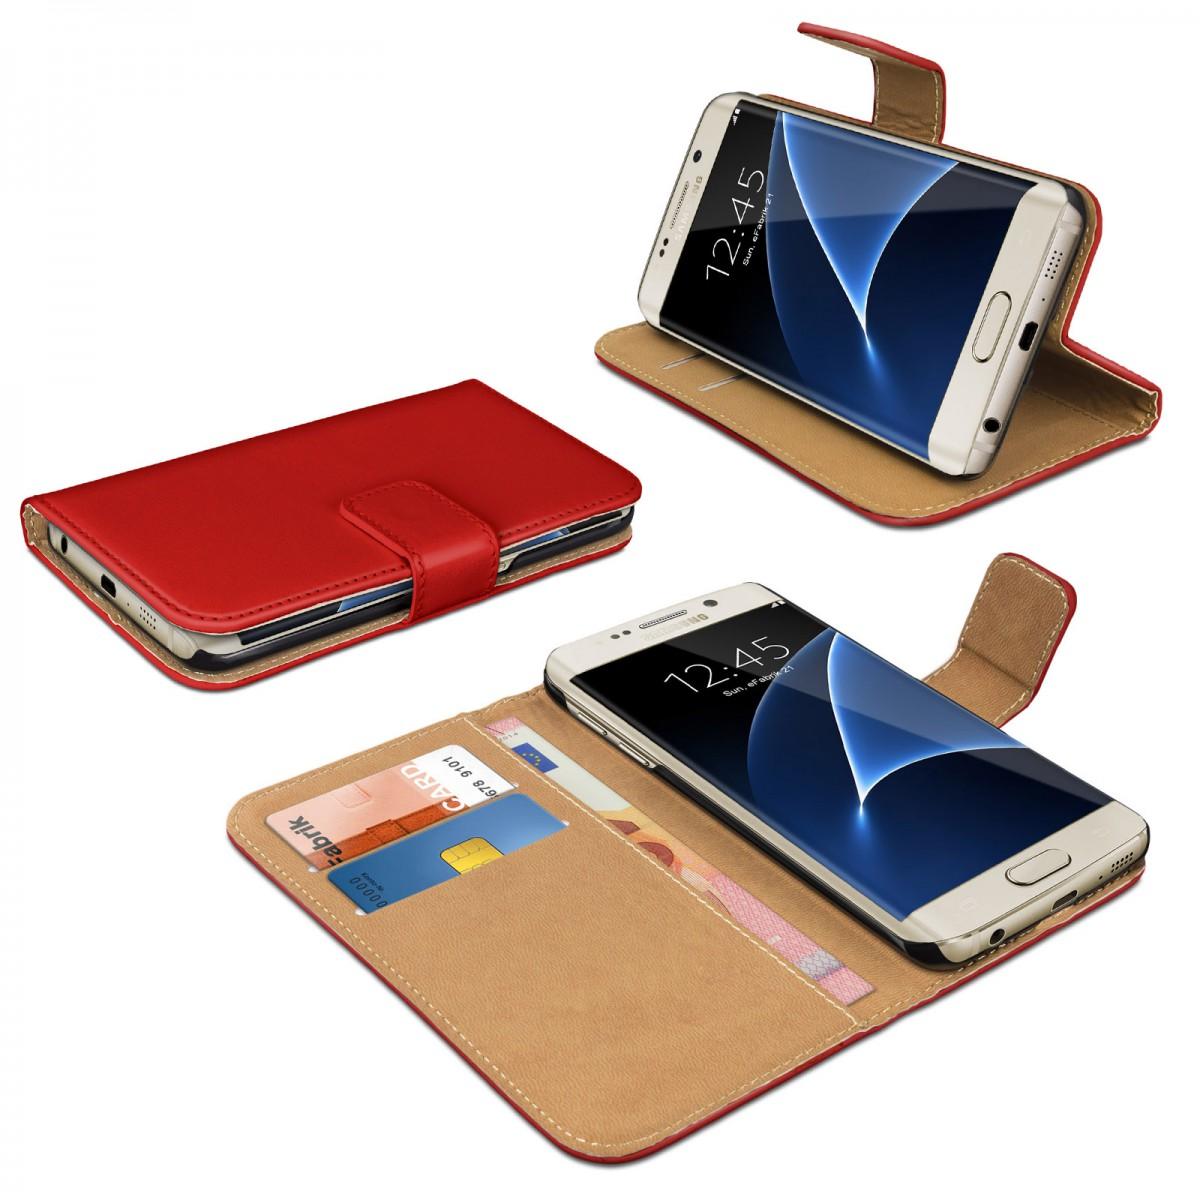 efabrik case f r samsung galaxy s7 edge tasche g935f handy zubeh r smartphone cover schutz. Black Bedroom Furniture Sets. Home Design Ideas